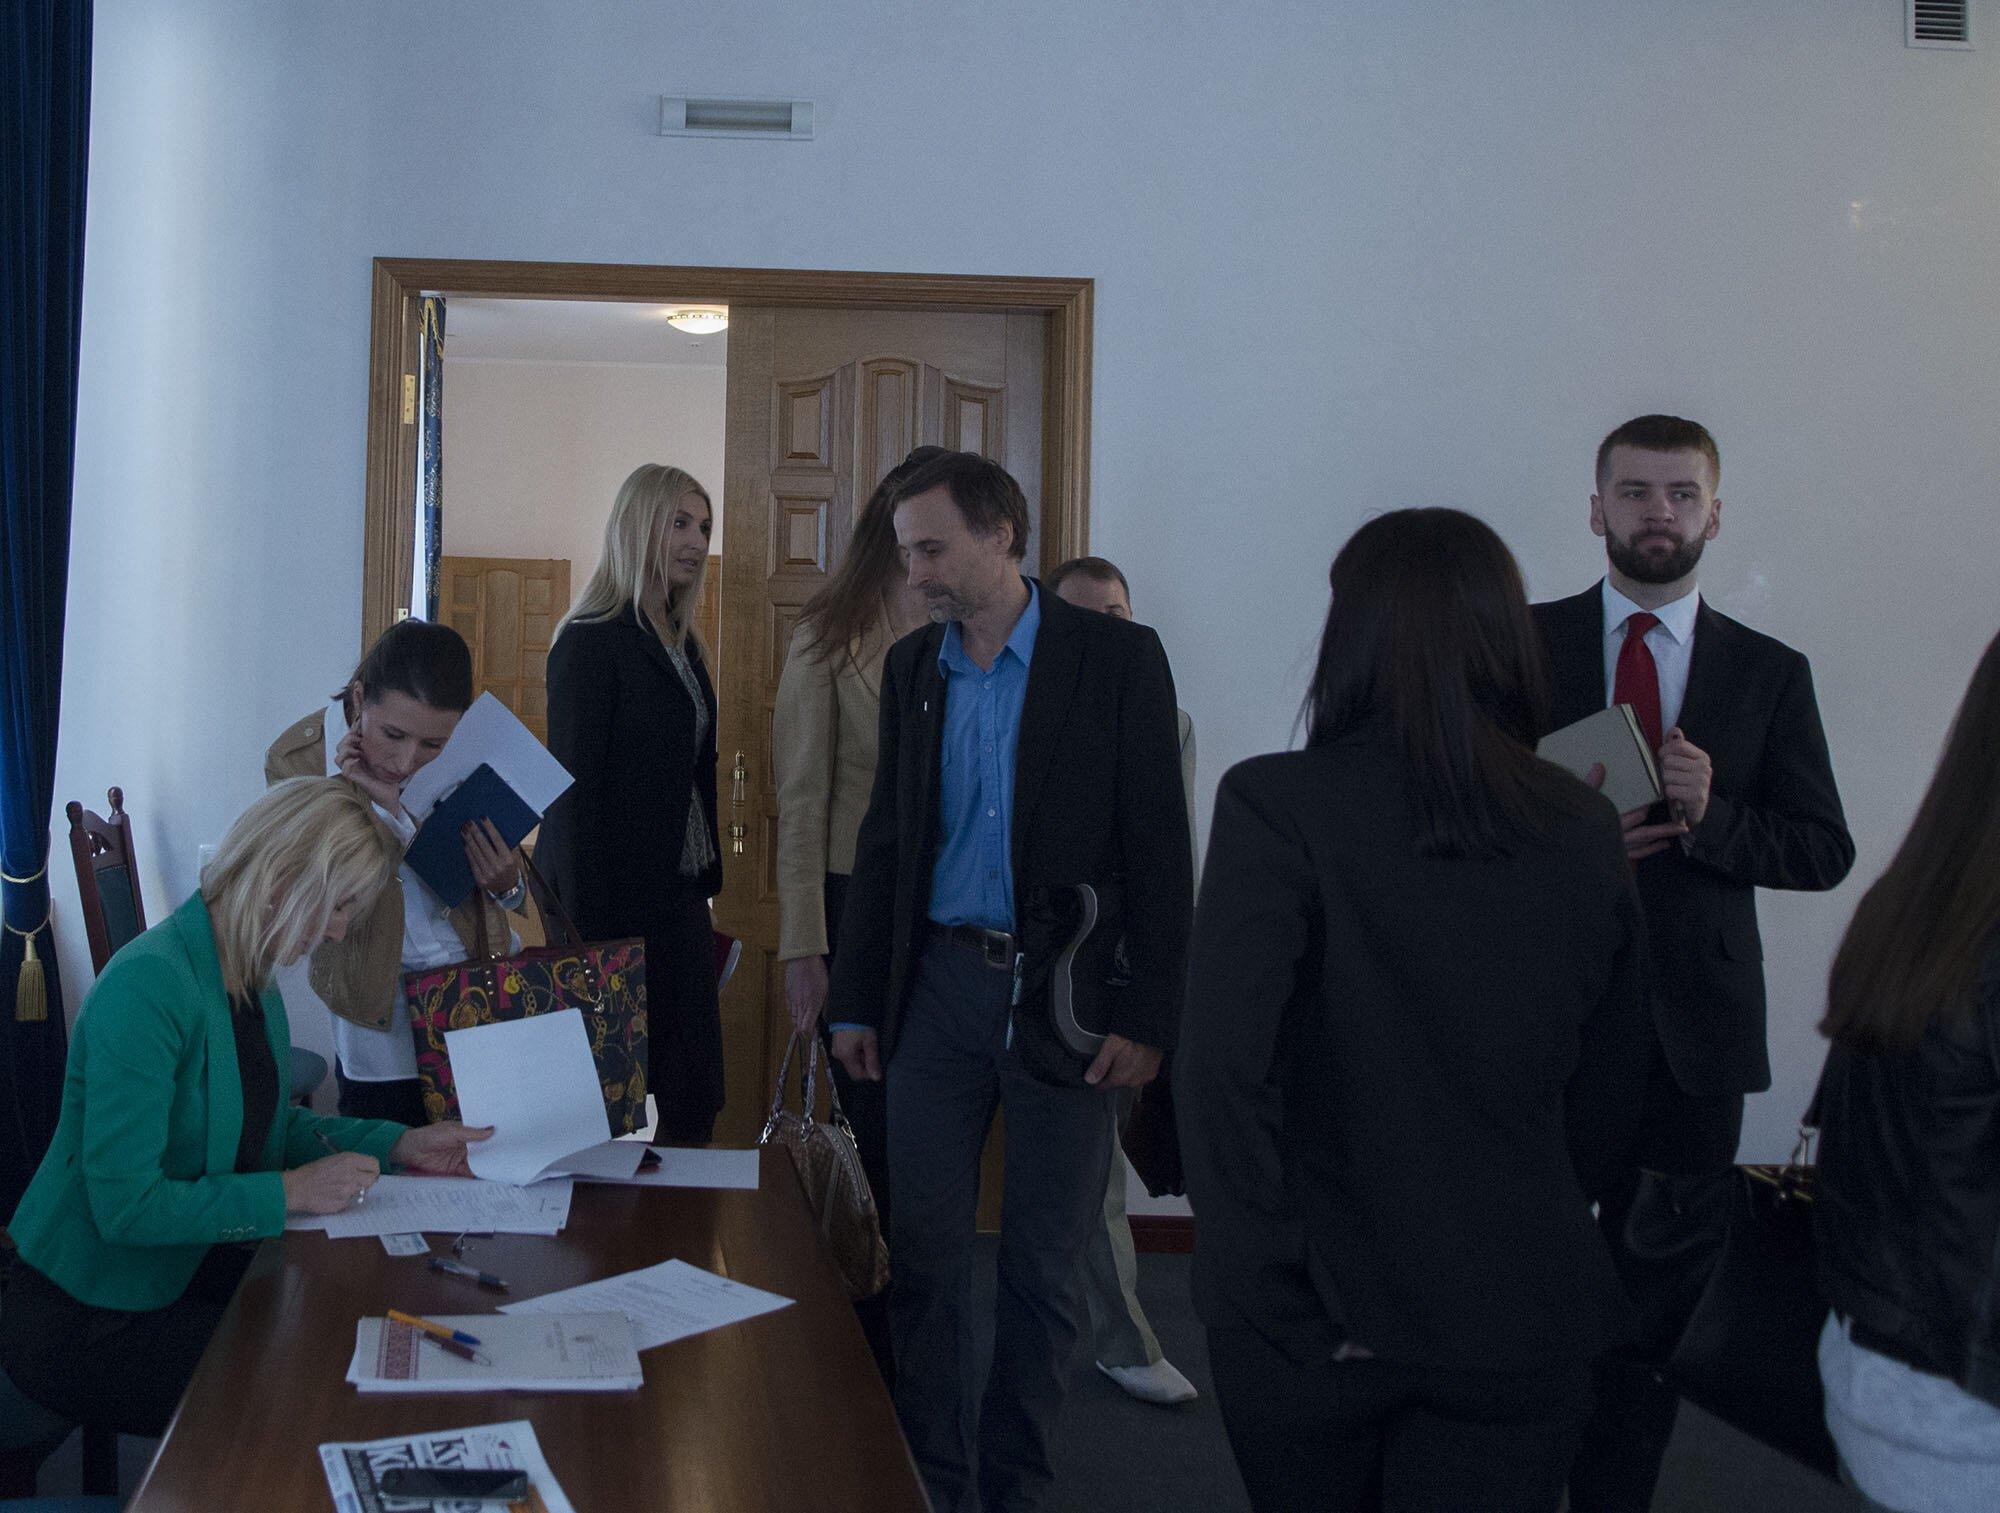 Уряд об'єднує зусилля неурядових правозахисних організацій та міжнародних експертів для підготовки Національного плану дій у сфері прав людини, - Наталія Севостьянова